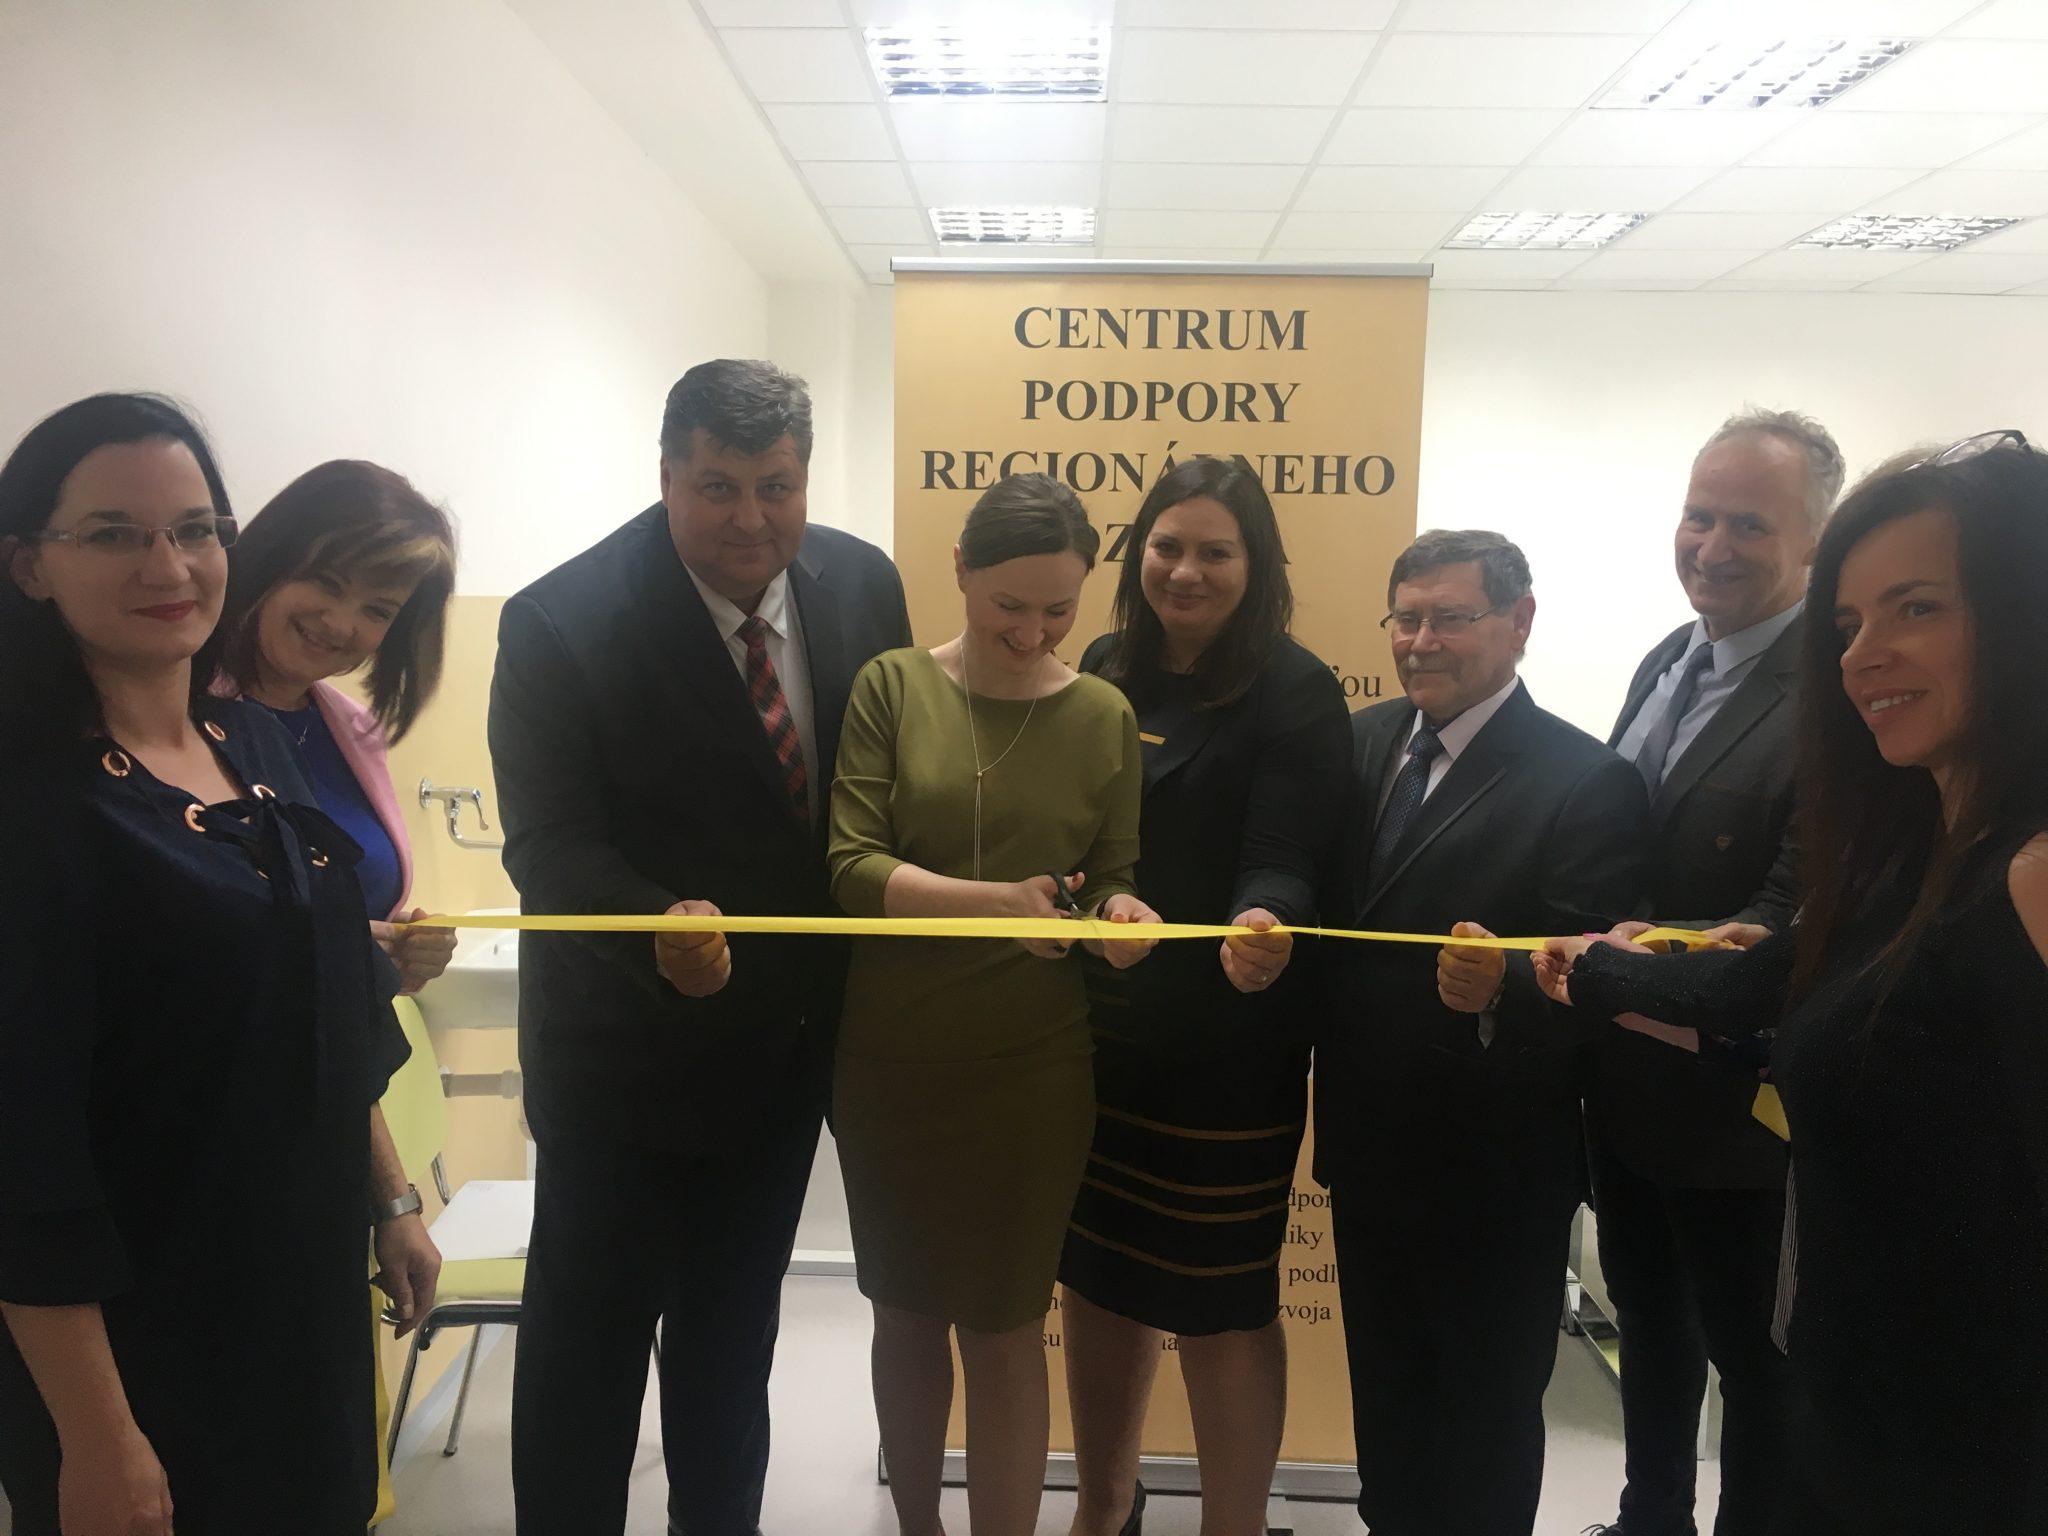 Regionálny príspevok pomohol obnoviť priestory budovy i podporiť zamestnanosť vo Vranovskom okrese